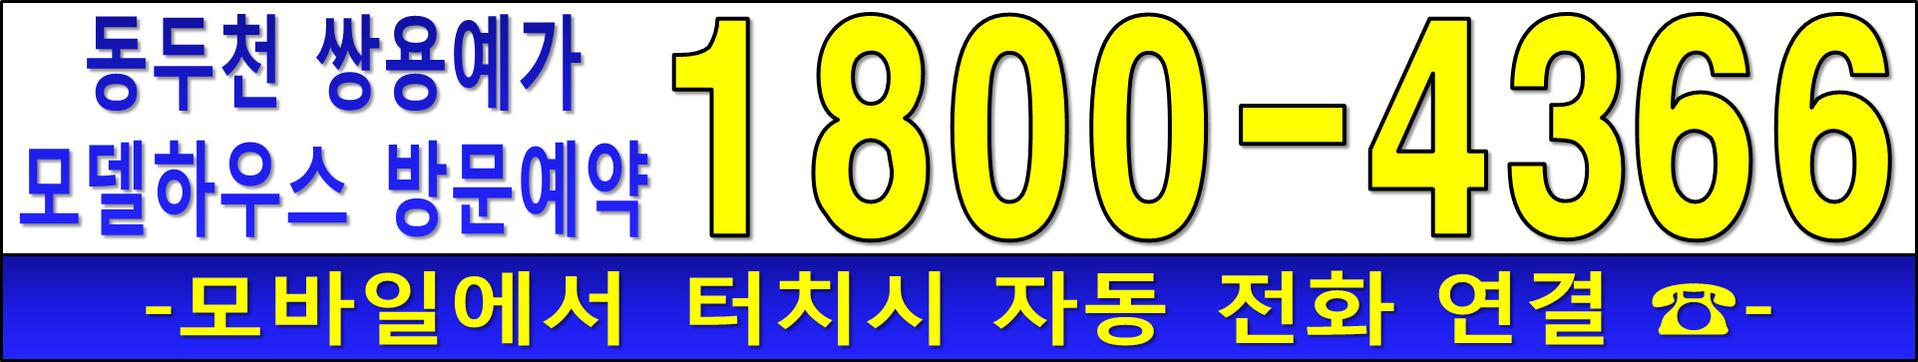 동두천 쌍용예가 더테라스힐 전화걸기3